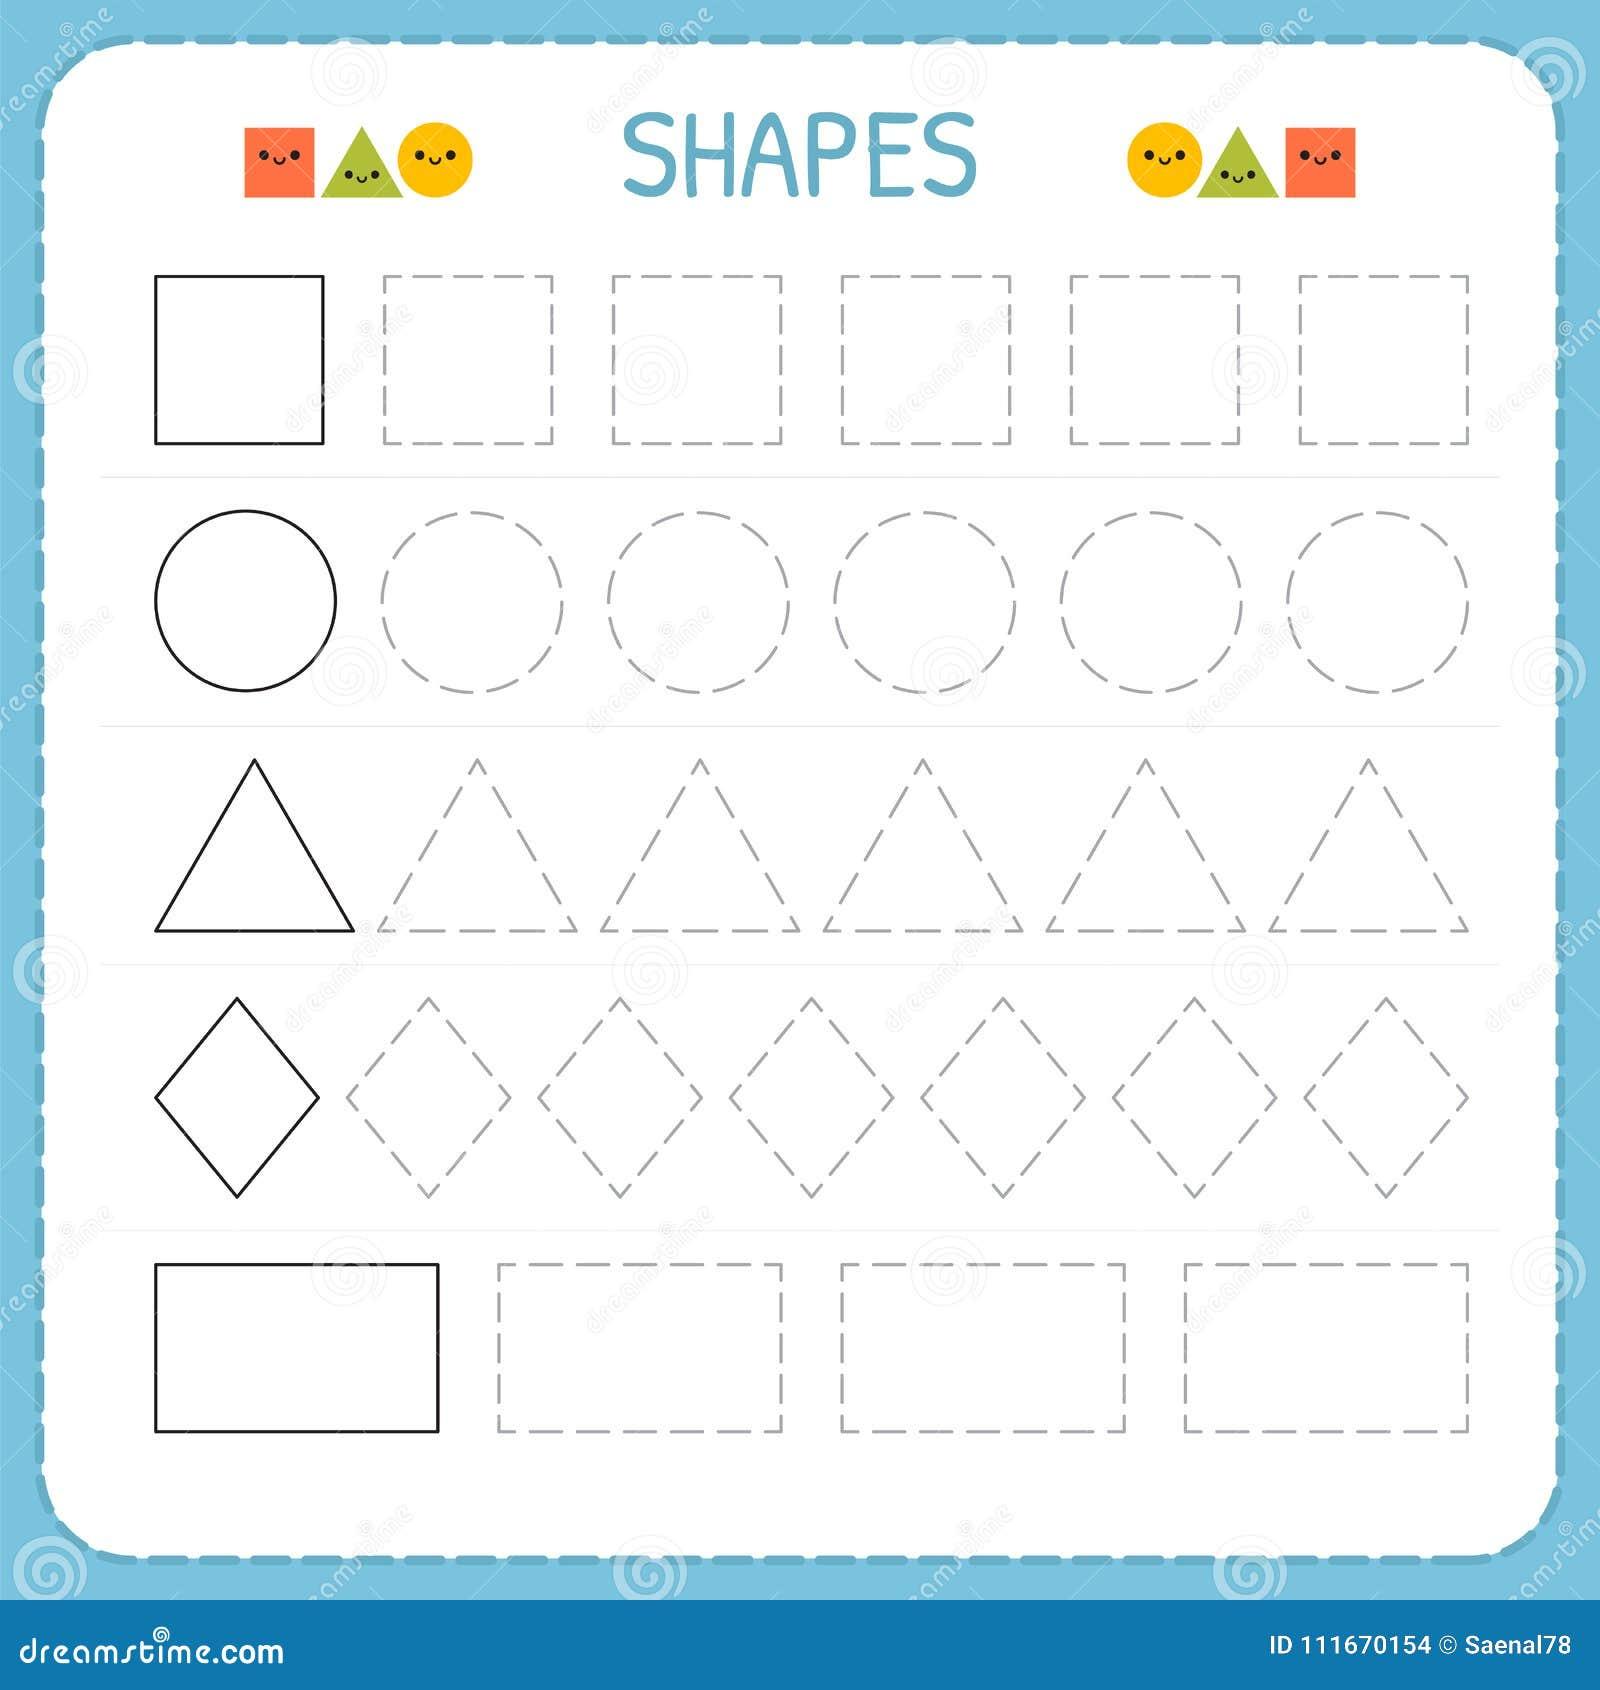 Μάθετε τις μορφές και τους γεωμετρικούς αριθμούς Φύλλο εργασίας παιδικών σταθμών ή παιδικών σταθμών για την άσκηση των δεξιοτήτων